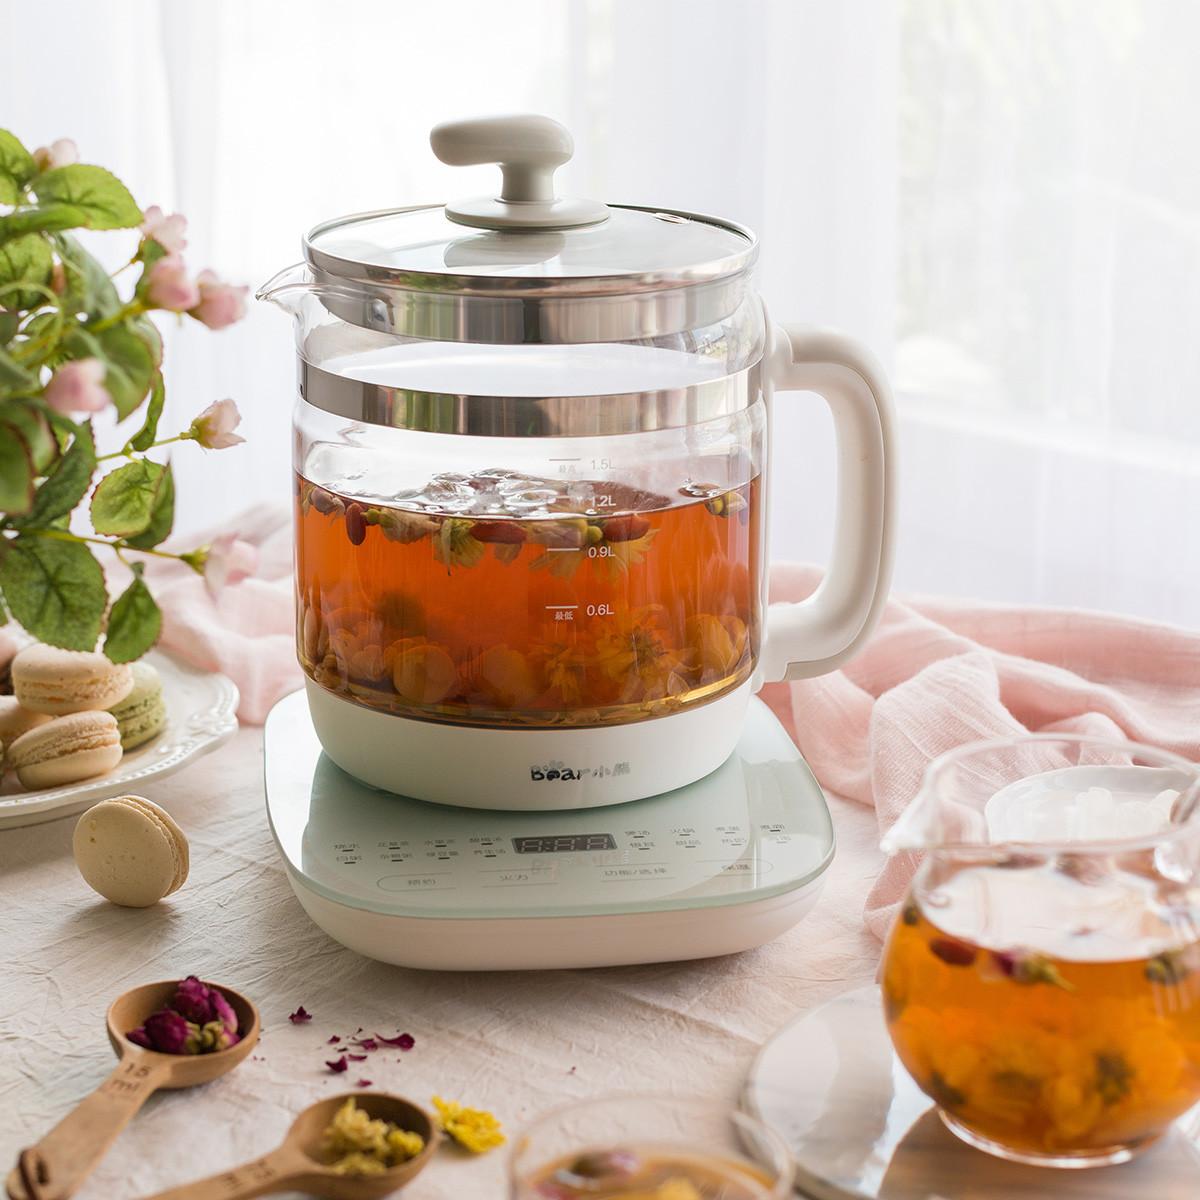 【新年礼物】小熊养生壶全自动煮茶加厚玻璃多功能保温电热烧水壶